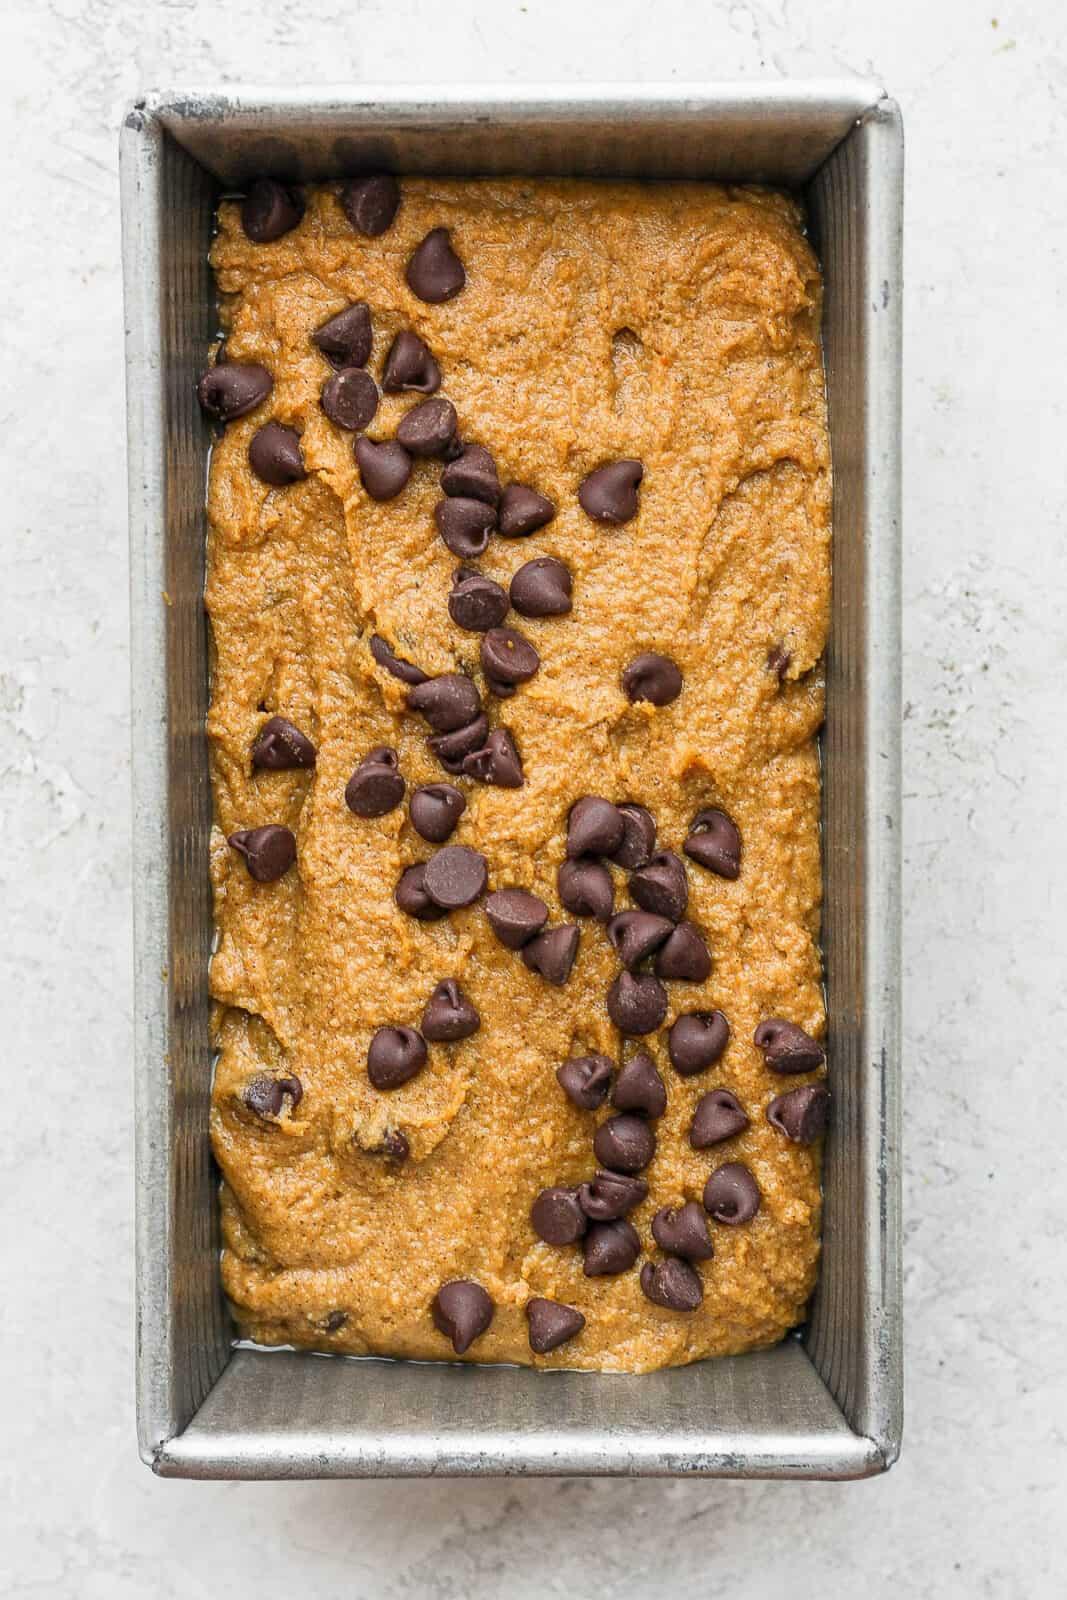 Pumpkin bread batter in a baking pan.